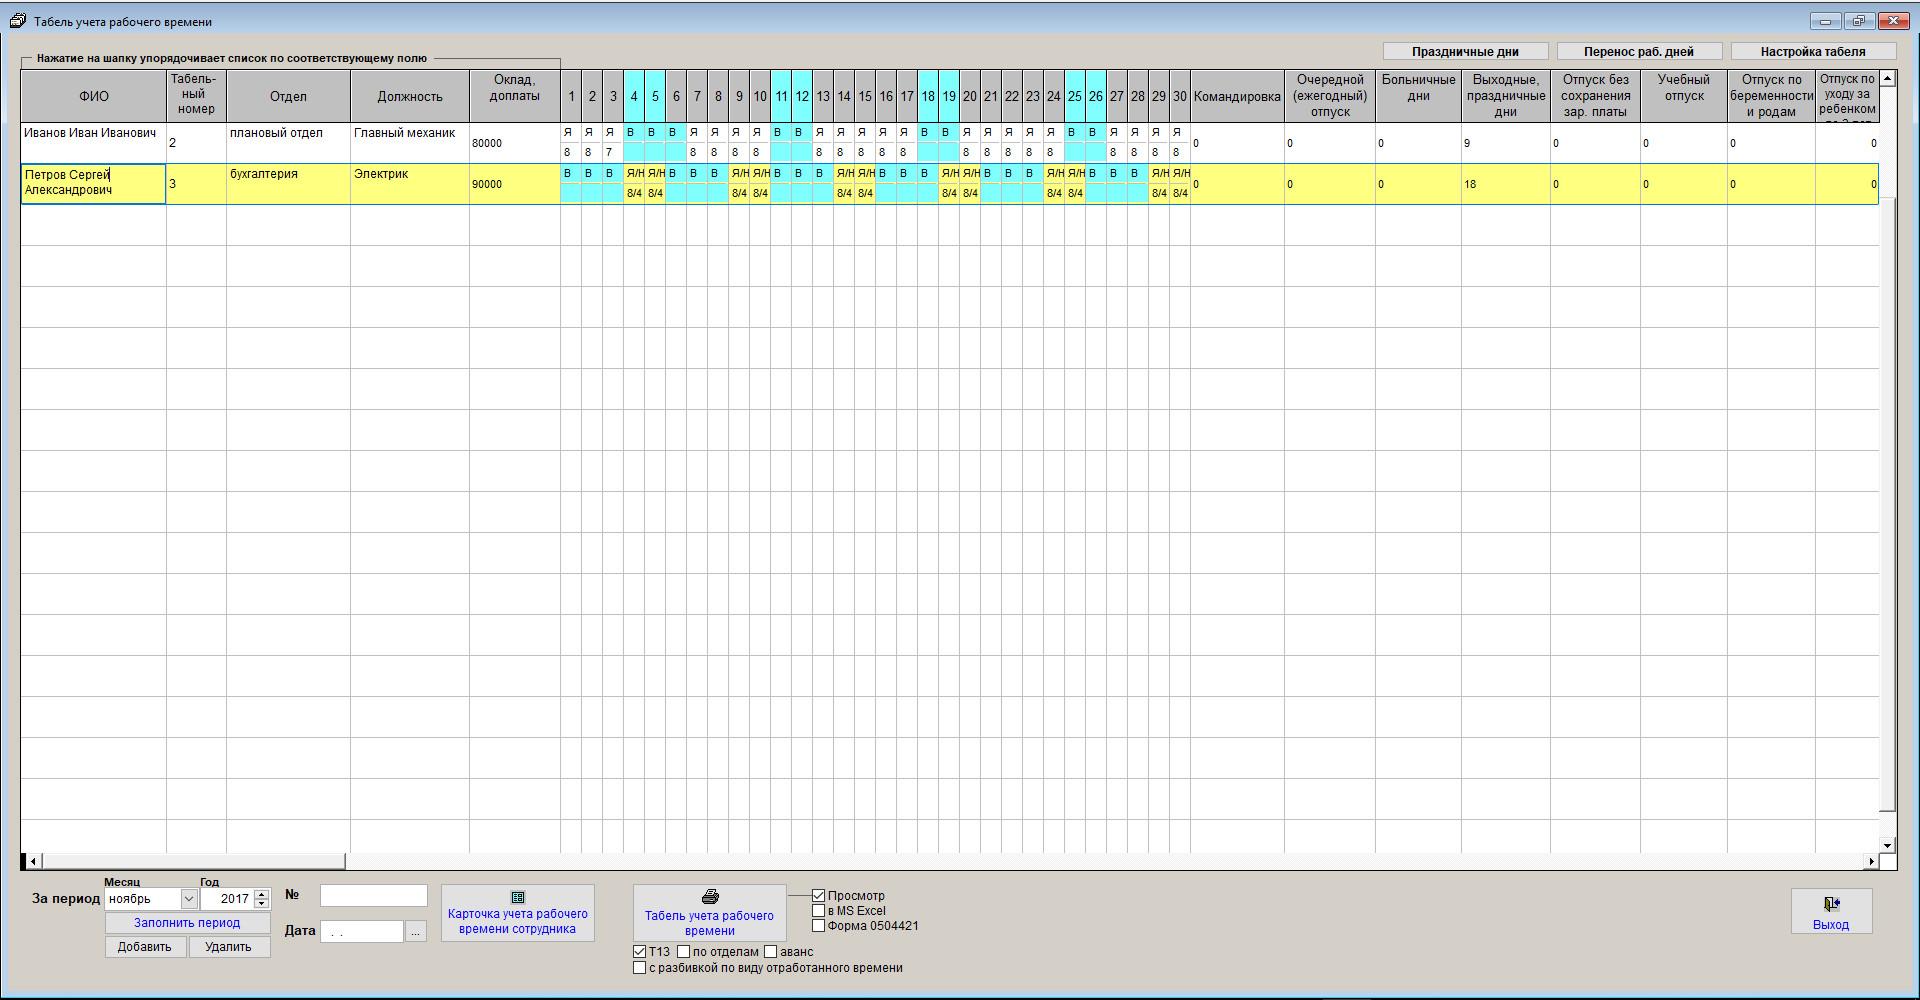 Как заполнить и распечатать табель учета рабочего времени для программы Сотрудники предприятия.